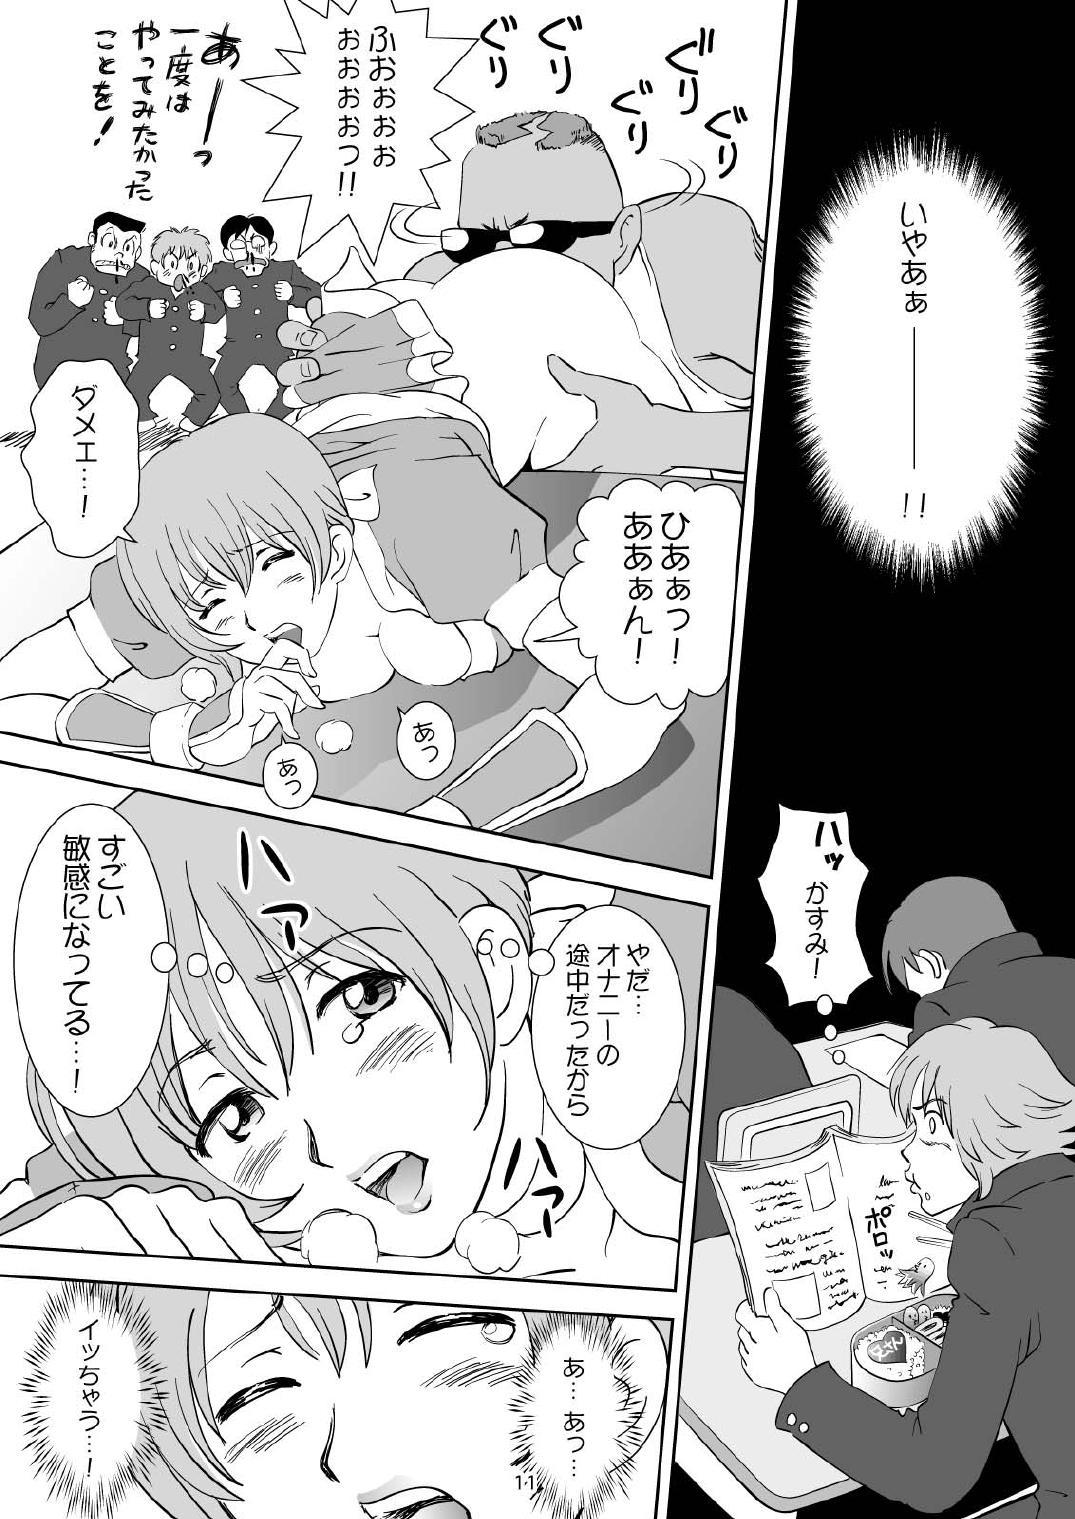 Sugoiyo!! Kasumi-chan 12